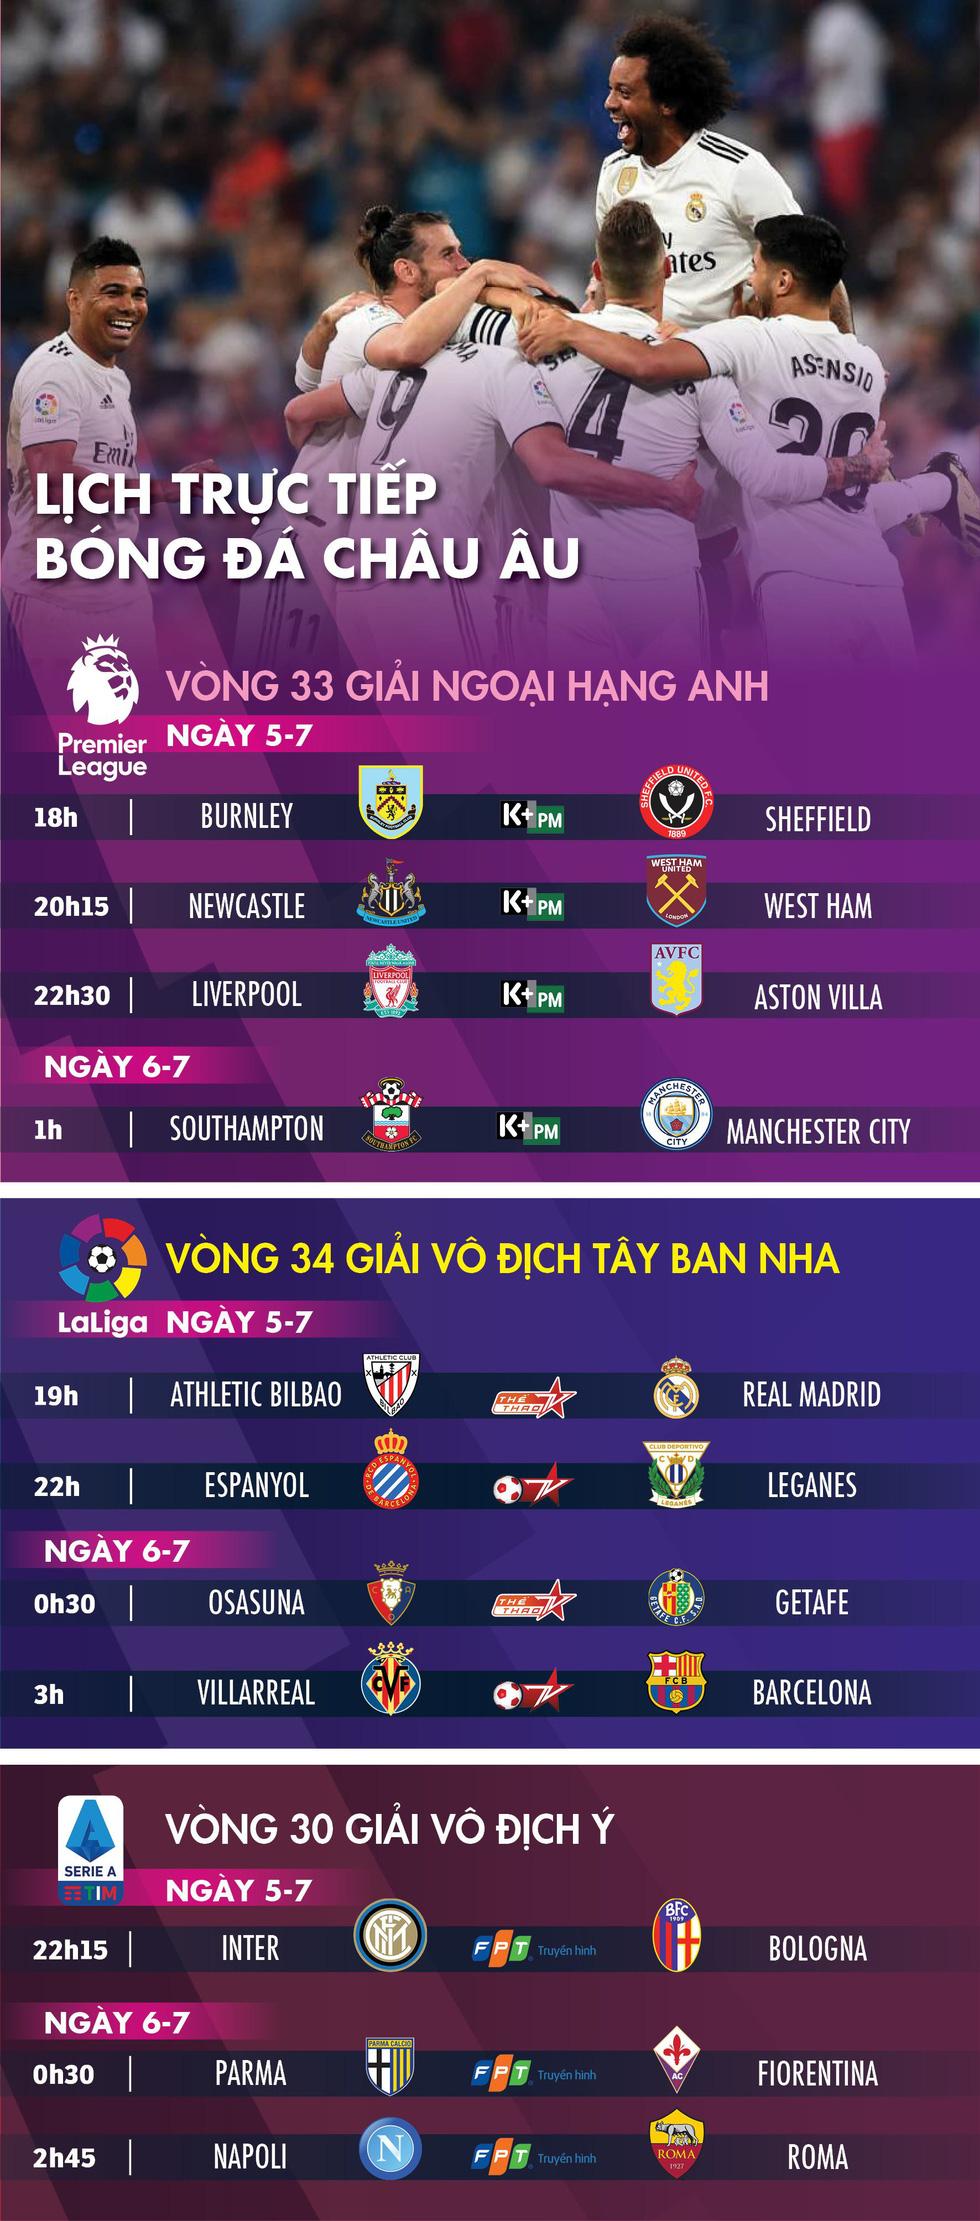 Lịch trực tiếp bóng đá châu Âu 5-7: Real Madrid, Barca đua vô địch - Ảnh 1.